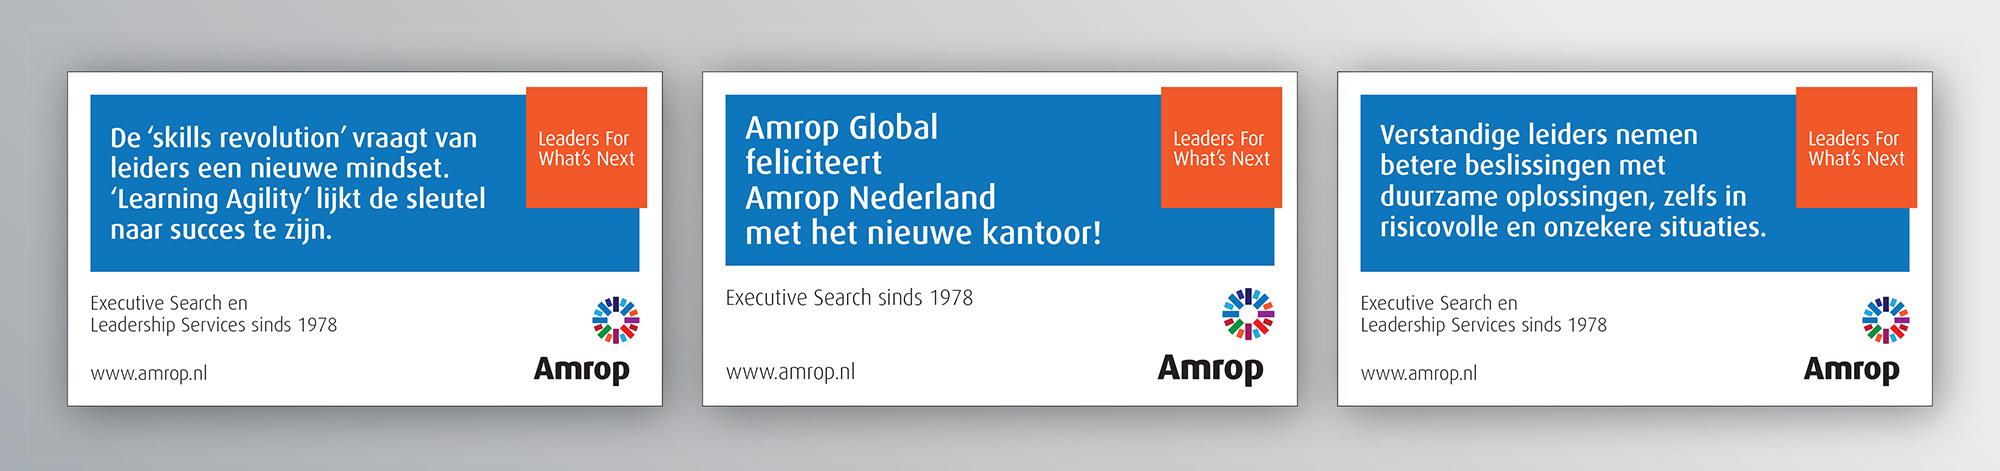 Opmaak advertenties Amrop klein.indd